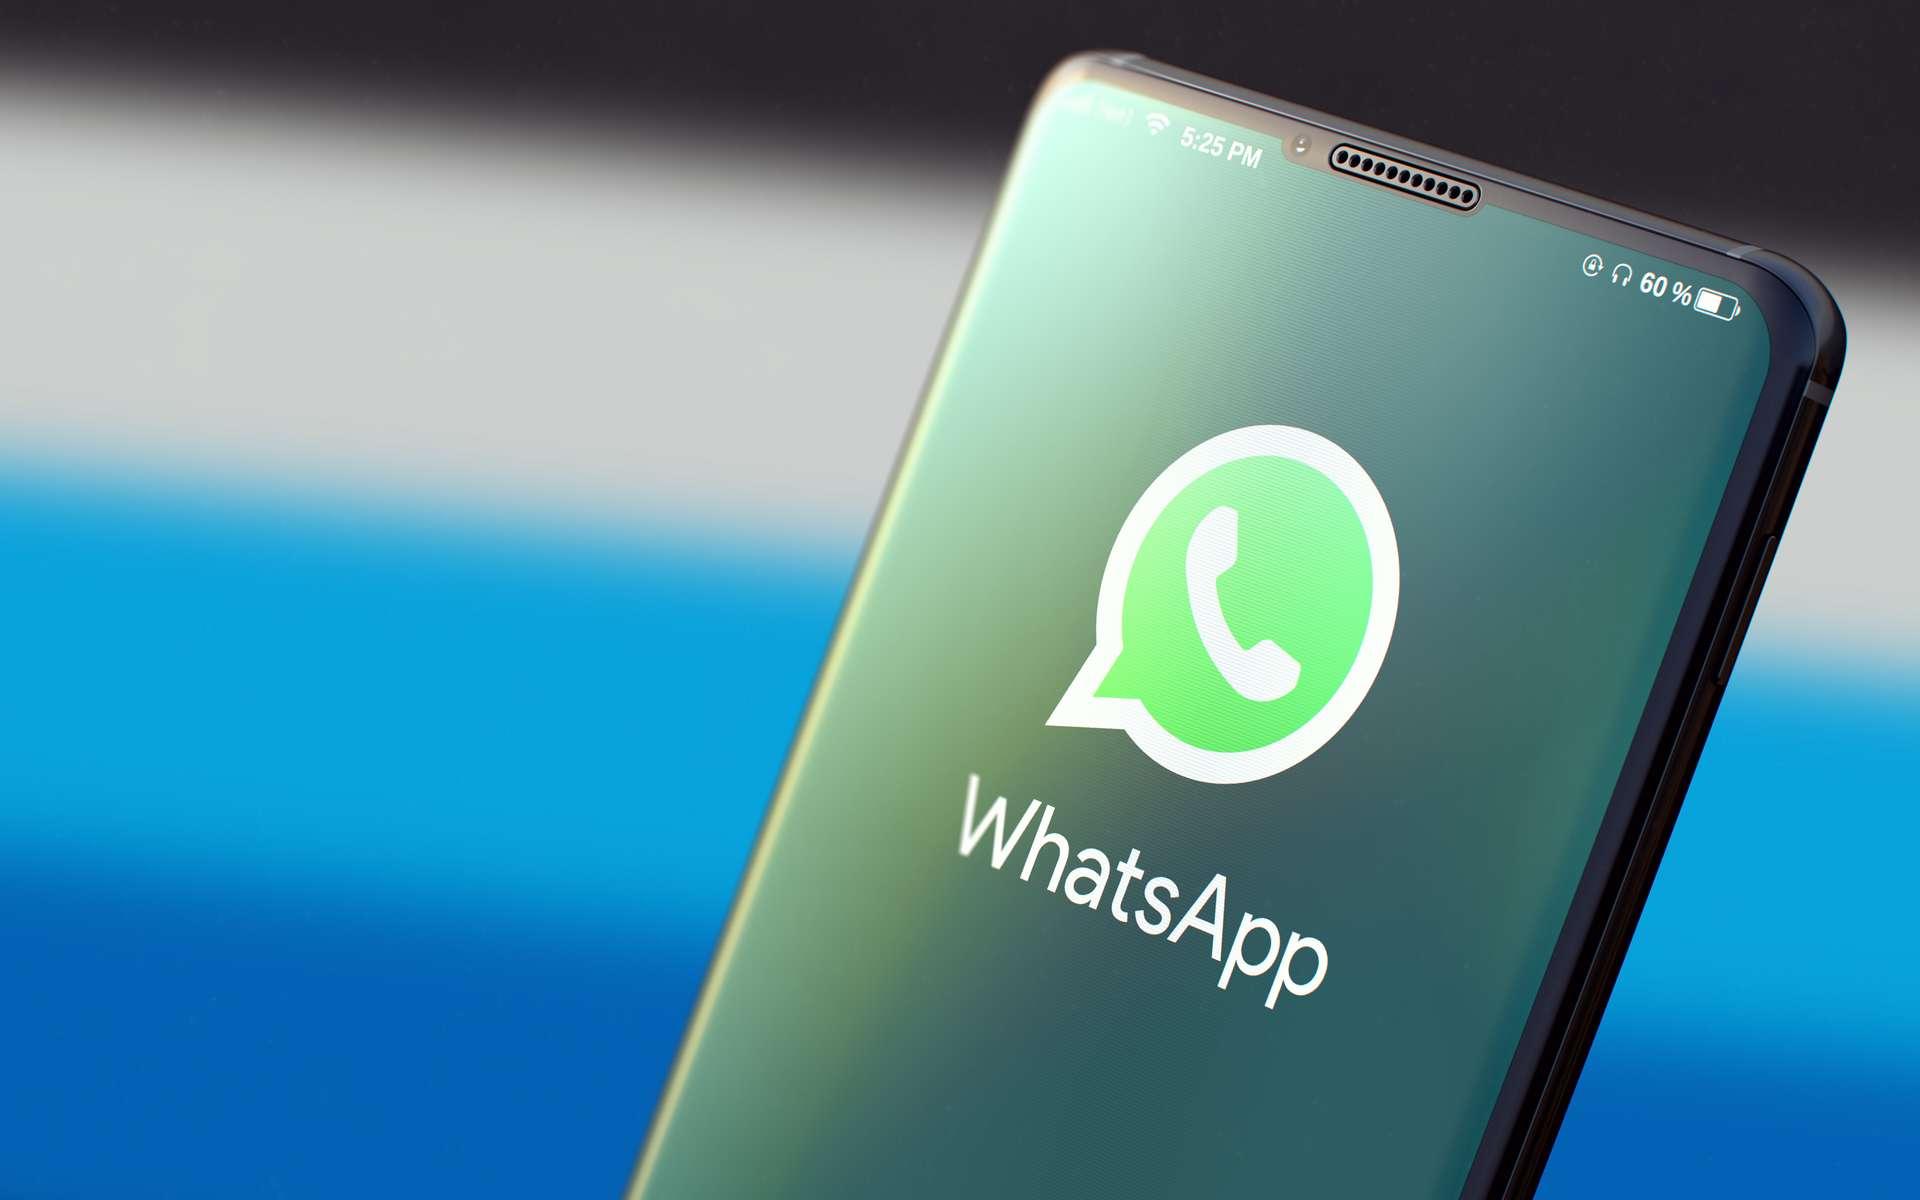 Whatsapp est une application de messagerie et de communication audio et vidéo disponible sur les smartphones, voire sur un ordinateur. © tashatuvango, Adobe Stock